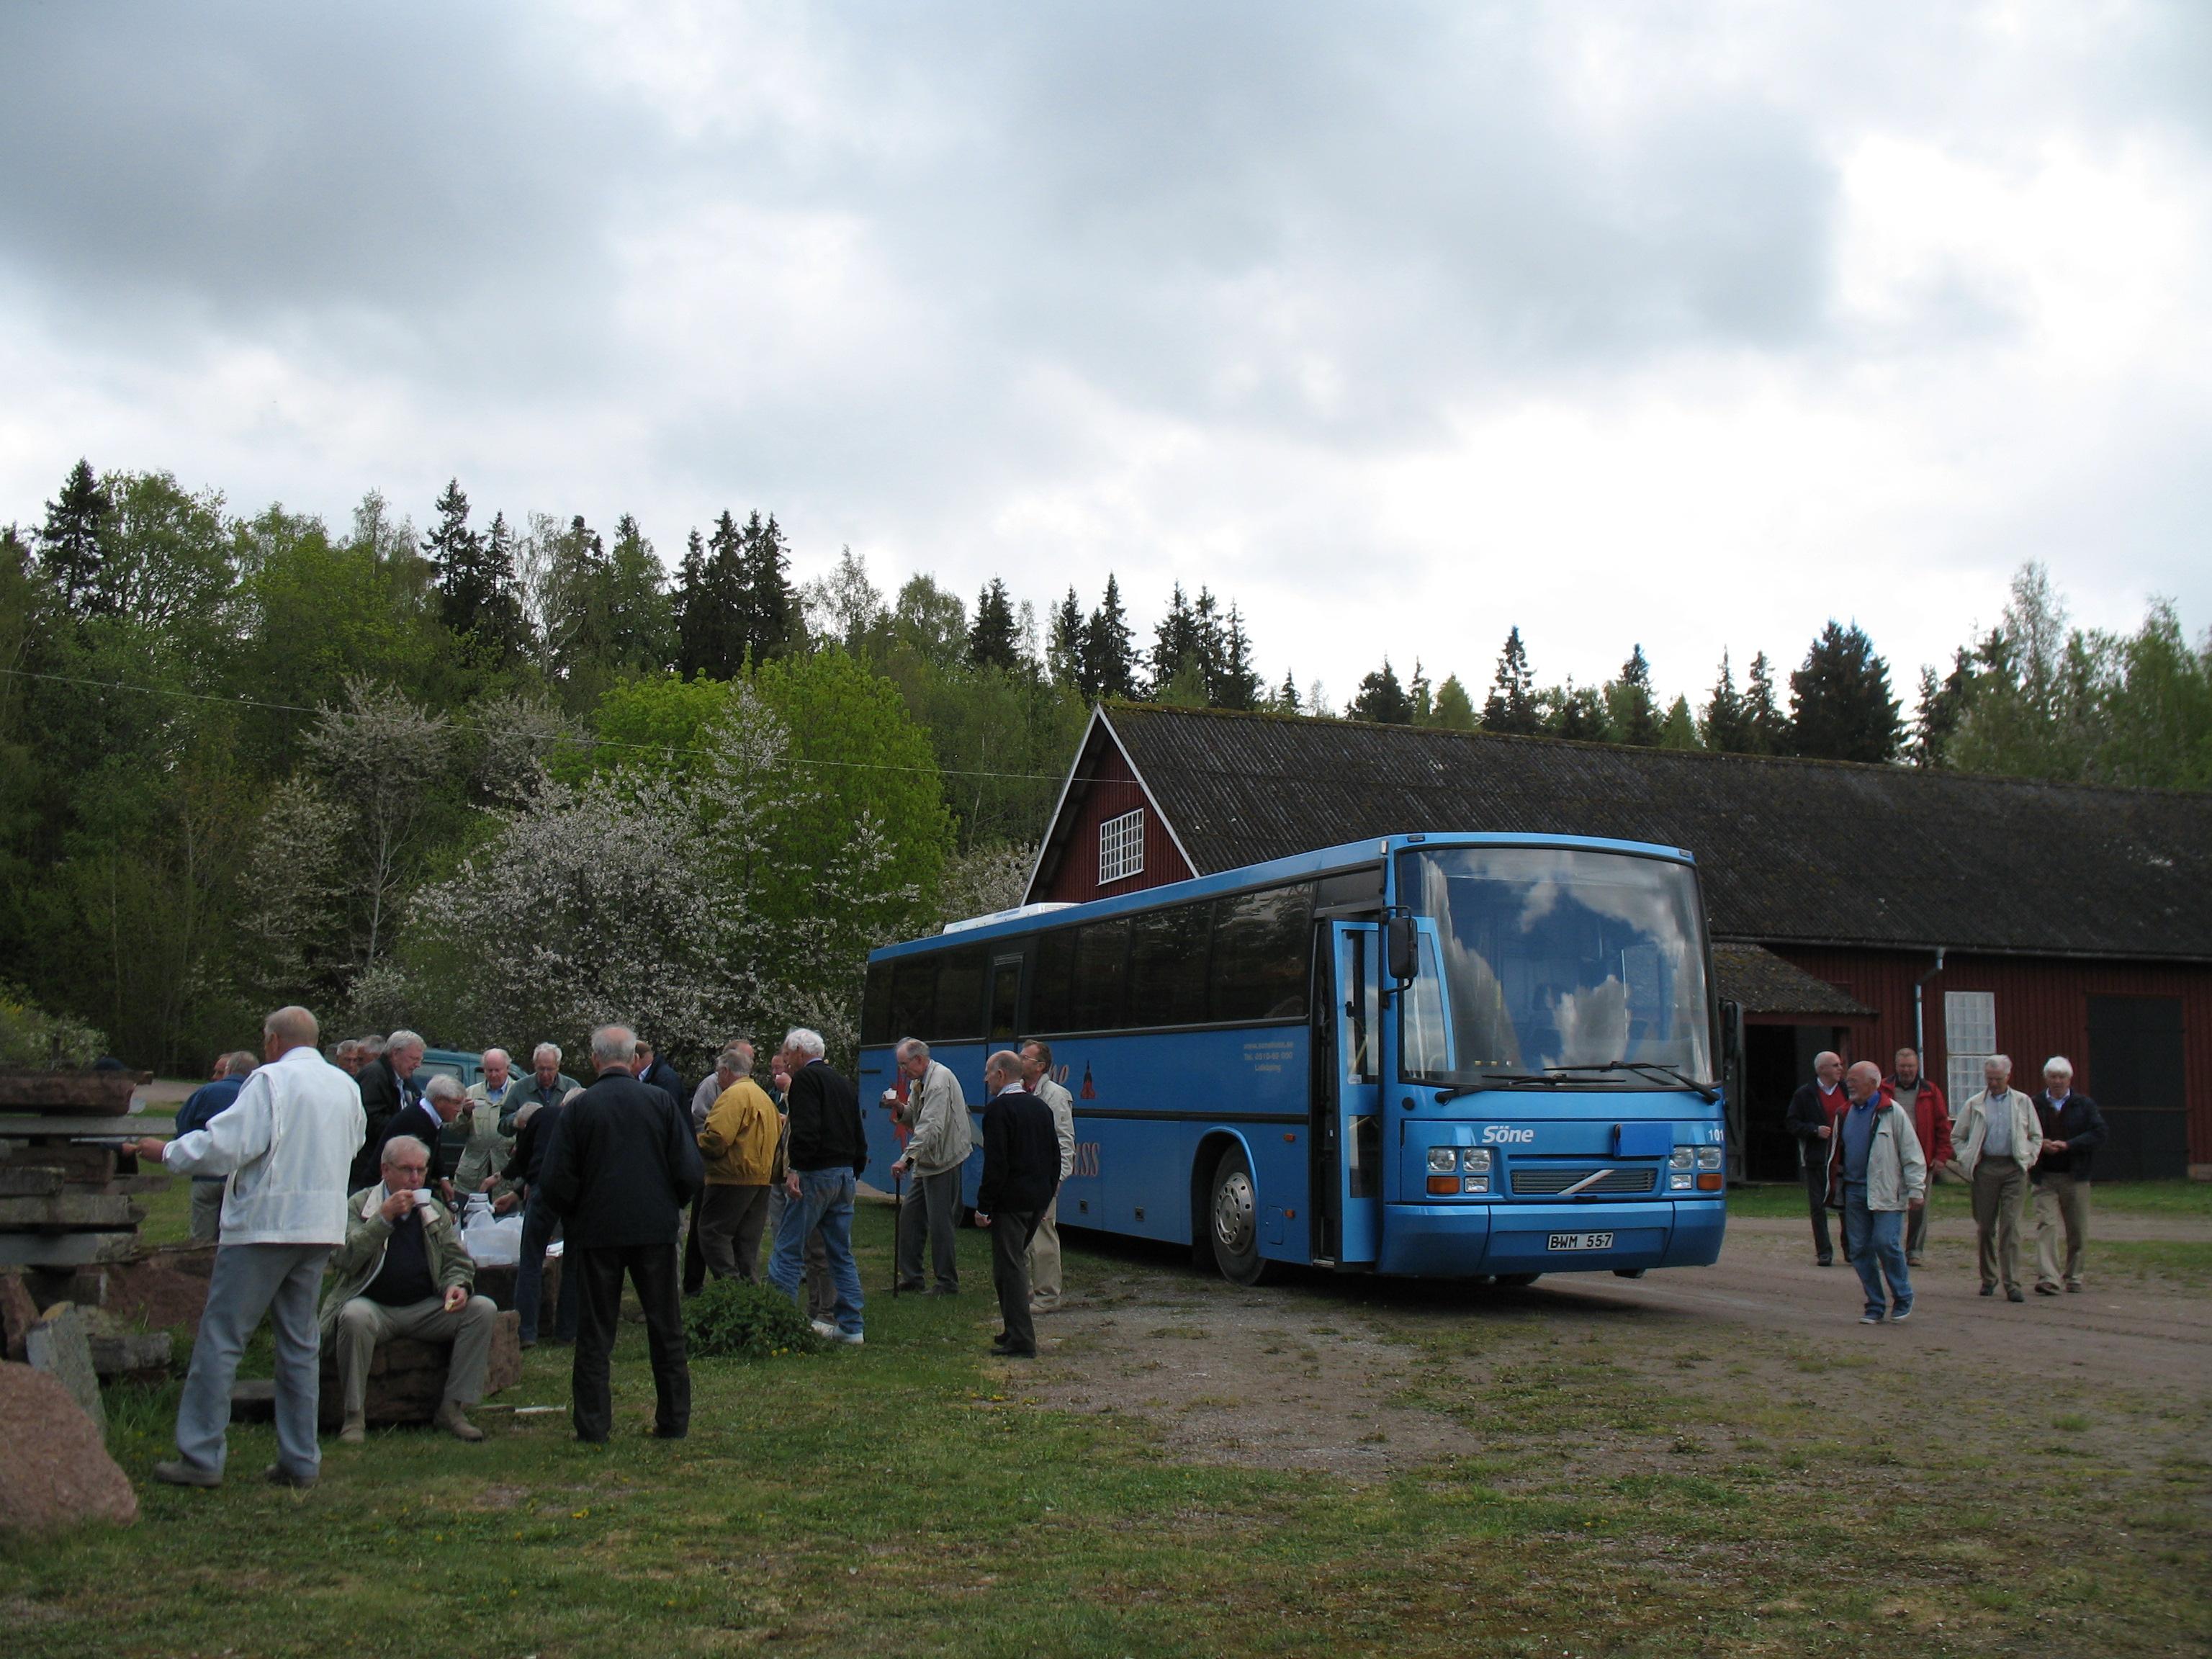 2007 Rubens och Råbäcks stenhuggeri - 22